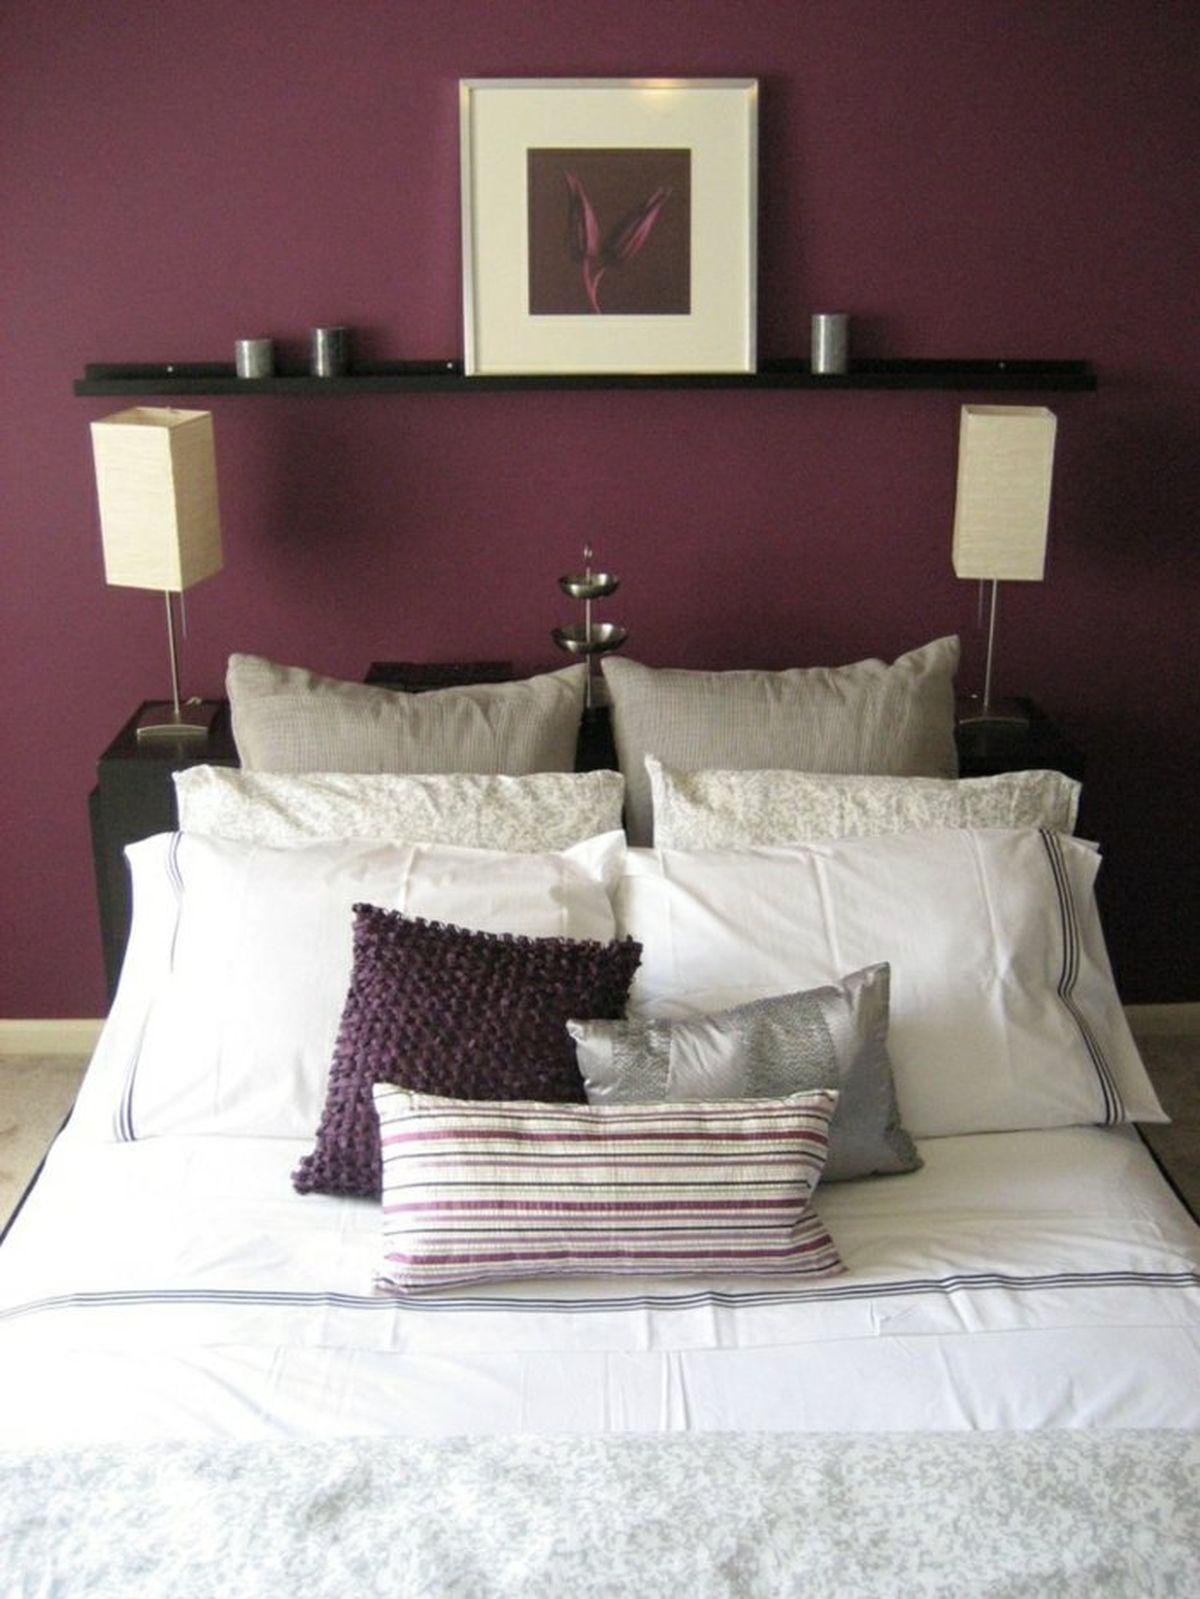 tendance la couleur bordeaux en d co home decor home. Black Bedroom Furniture Sets. Home Design Ideas